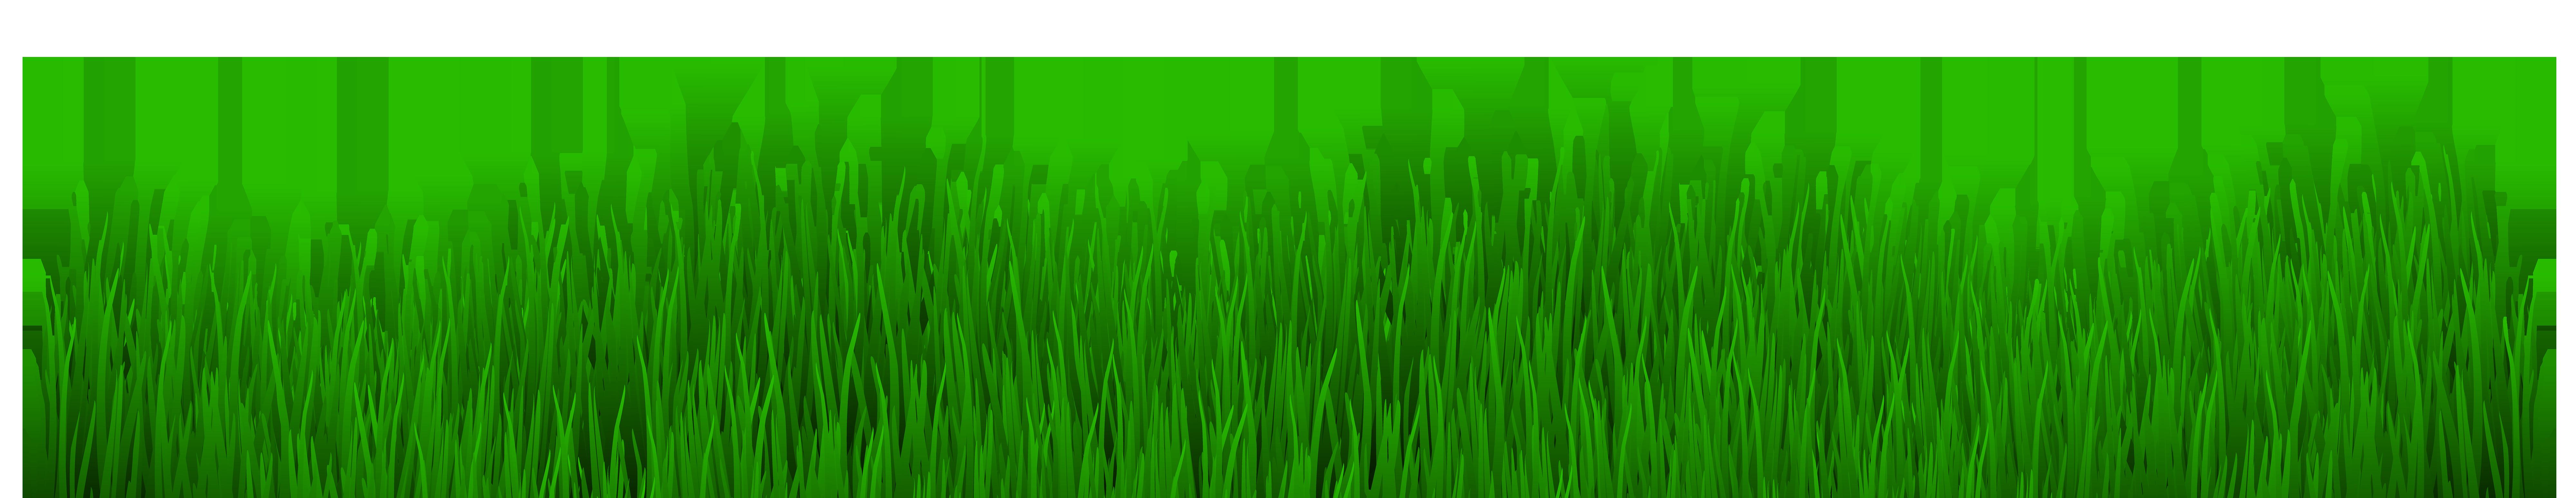 Clipart grass fodder. Transparent clip art image